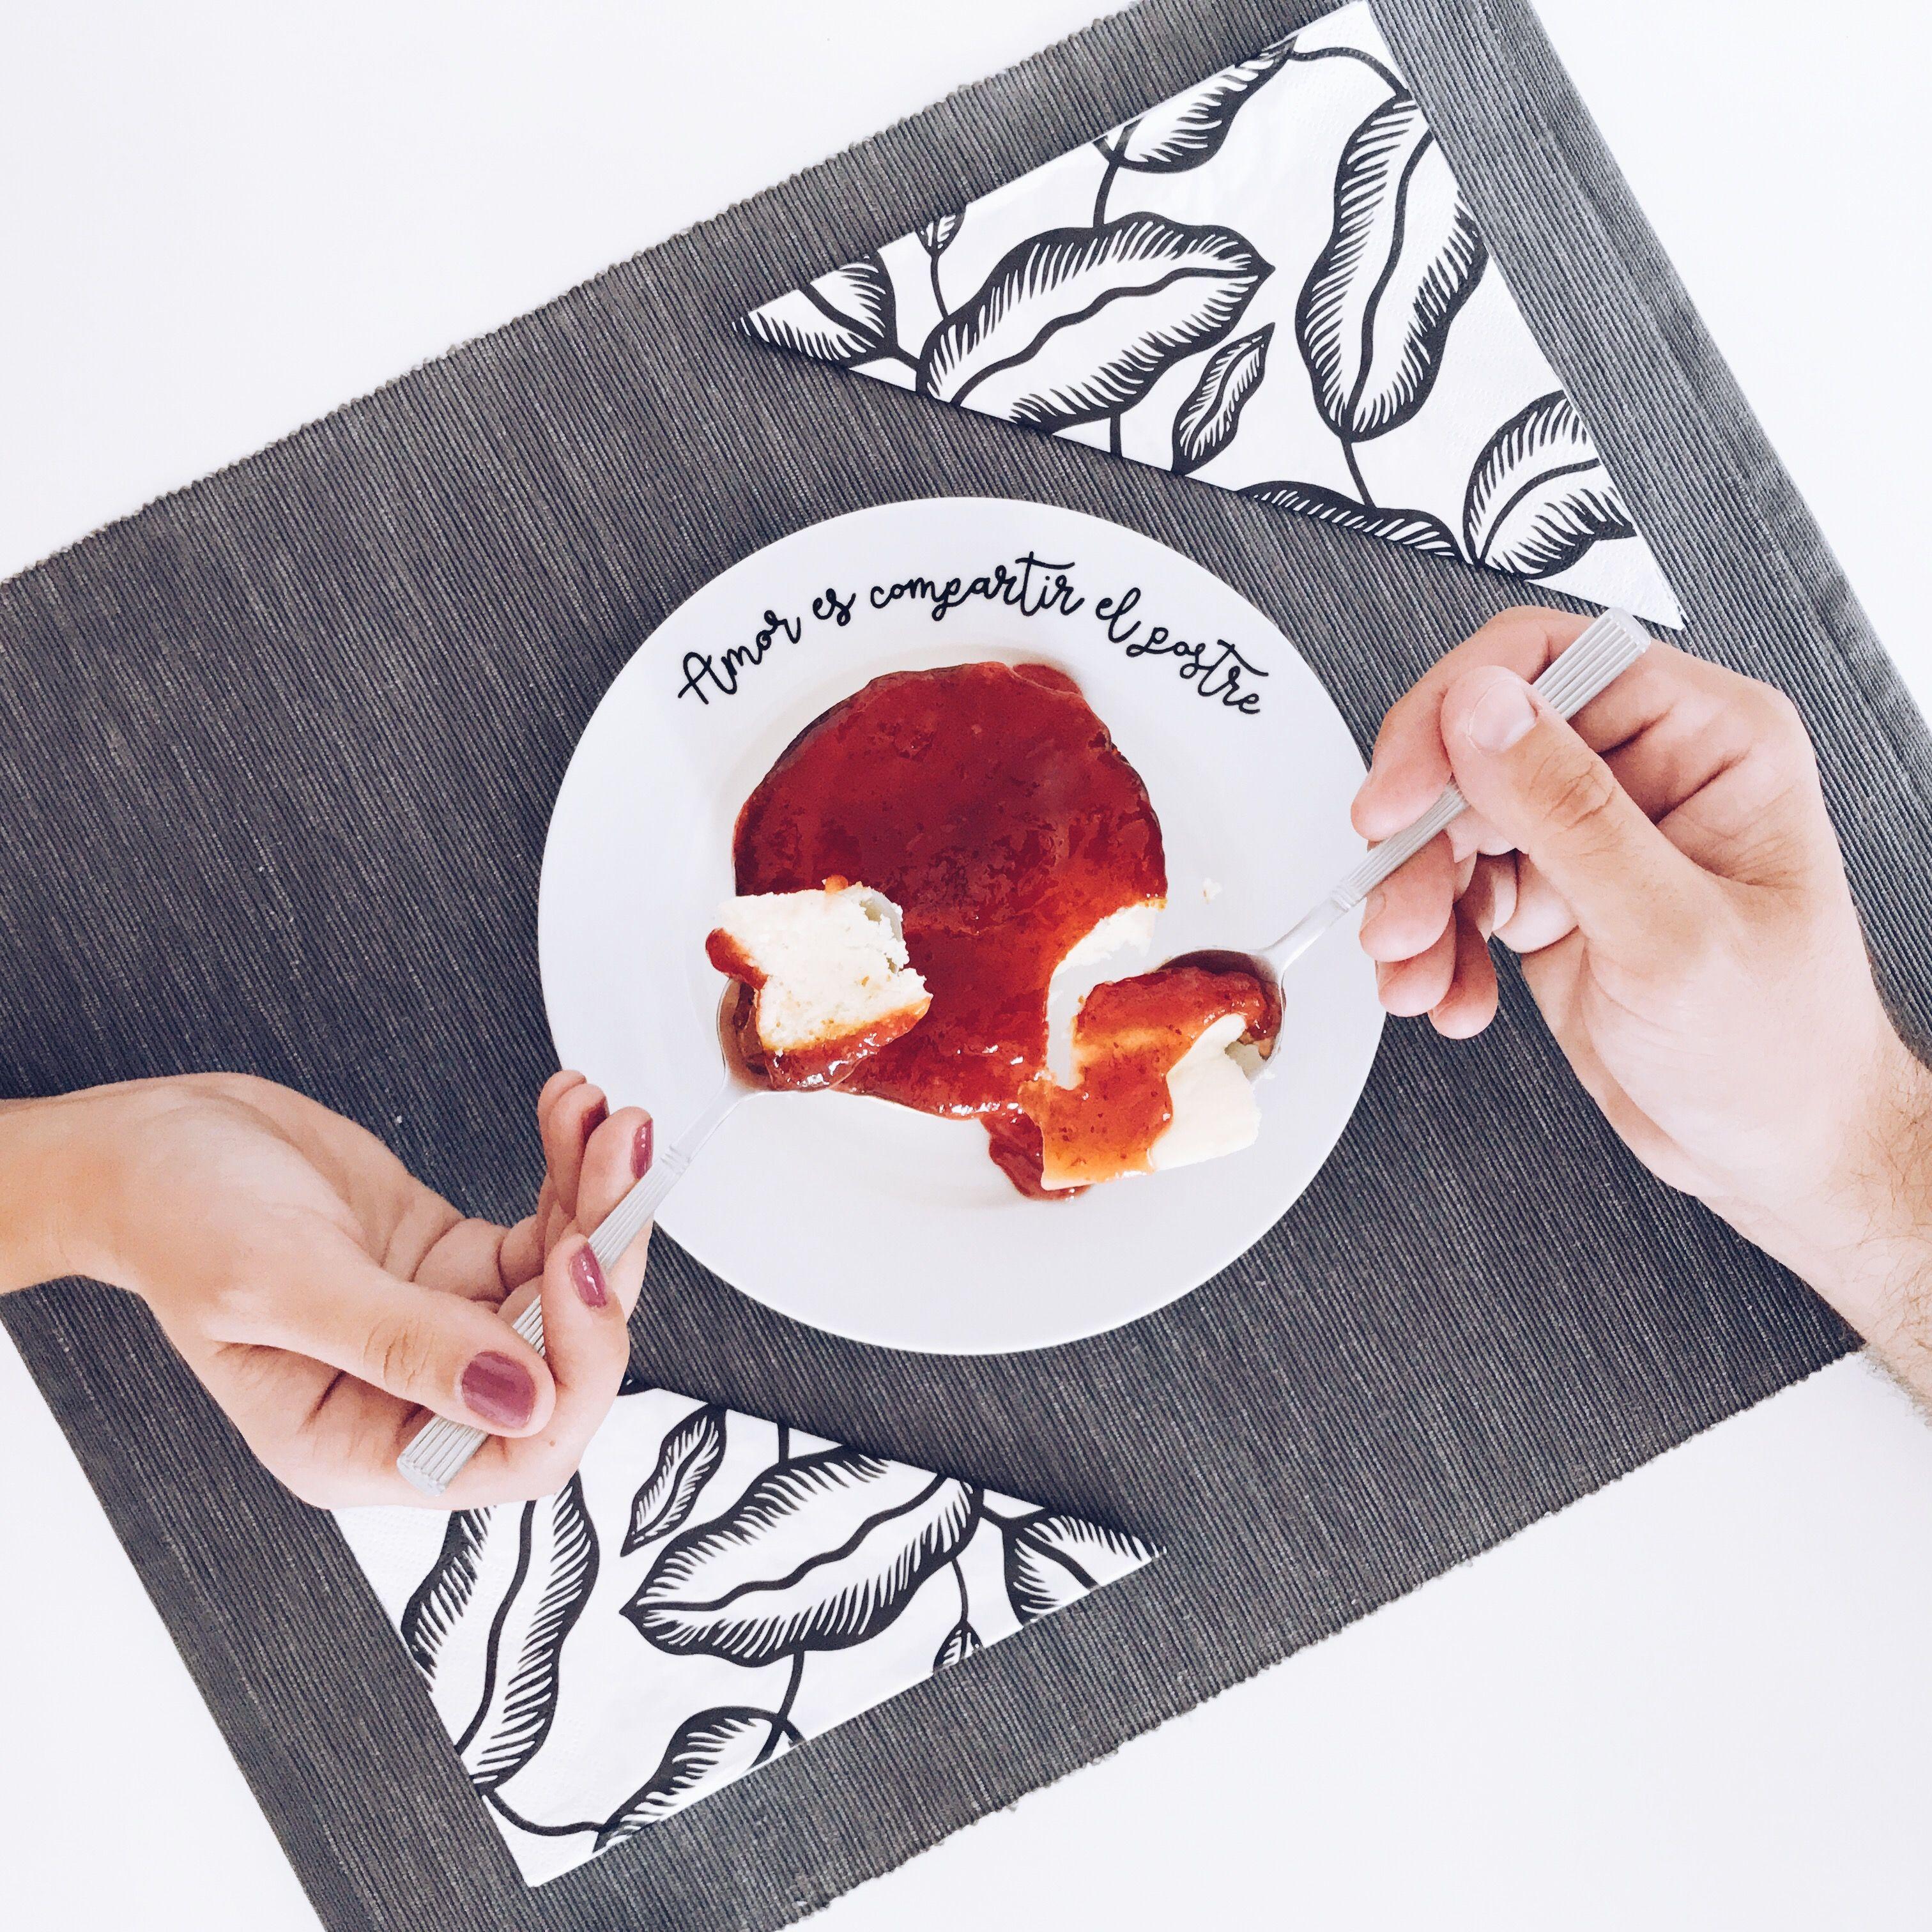 Recetas deliciosas para platos con mensaje